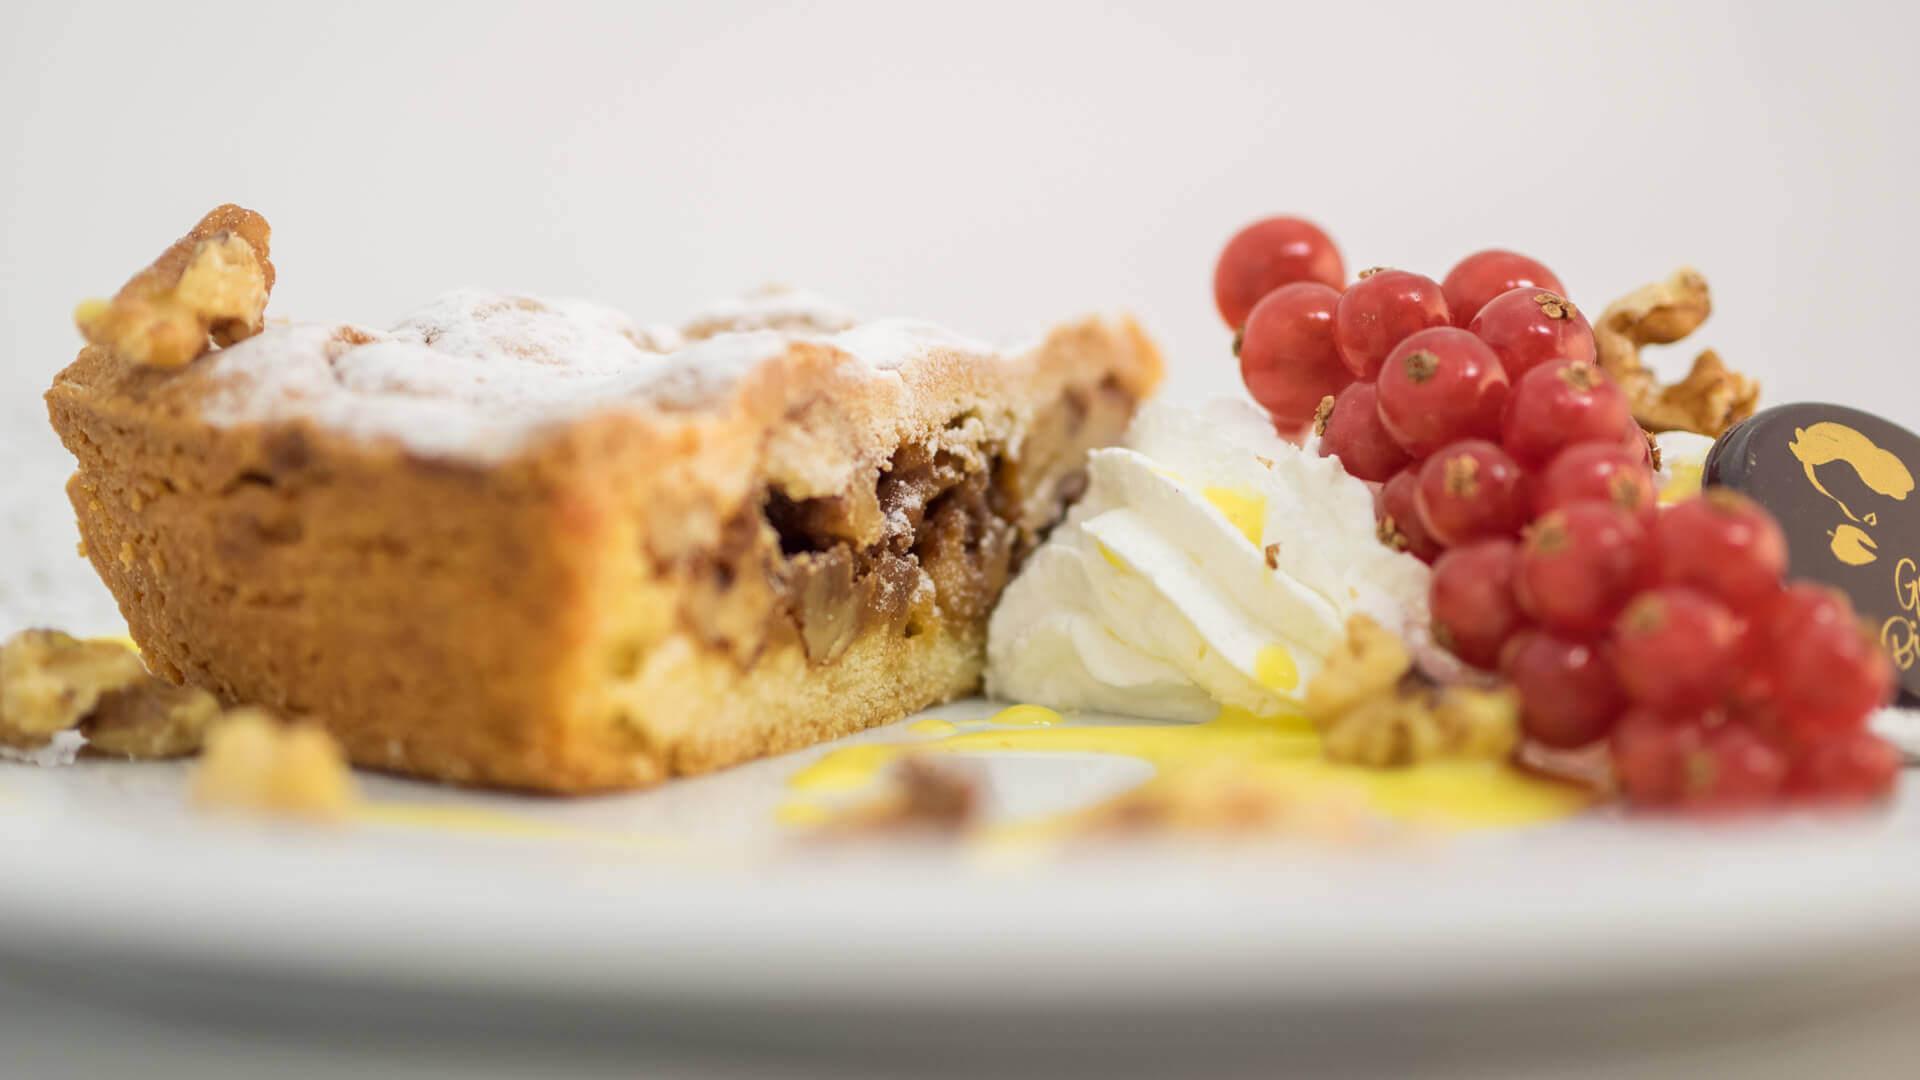 foto dolce pasticceria gelateria biancaneve e i 7 nani